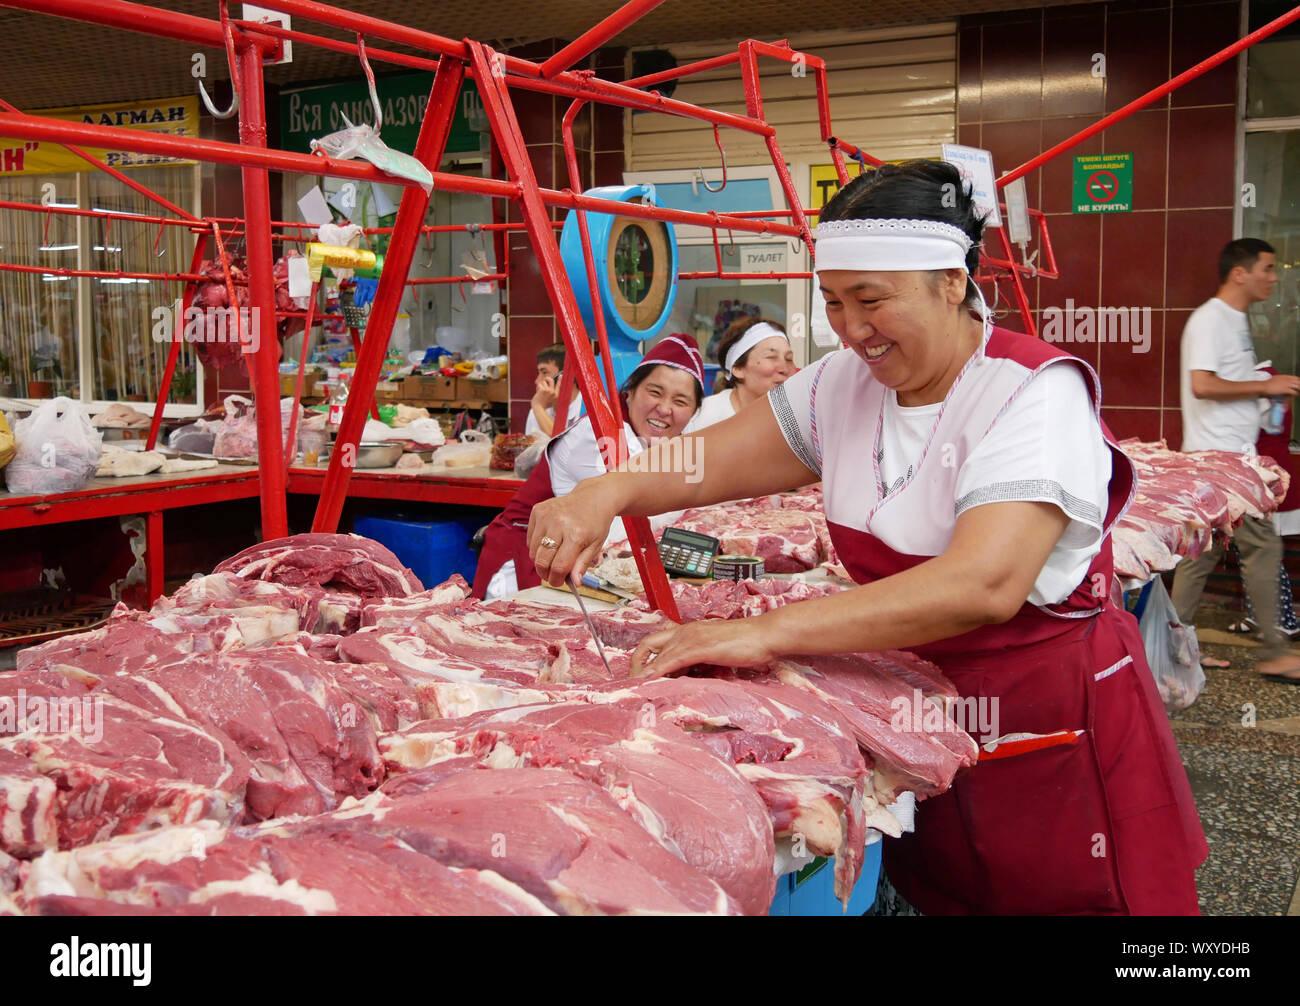 Almaty, Kazajstán - Agosto 24, 2019: sonrientes mujeres que trabajan en la sección de carne del famoso bazar verde en Almaty, Kazajstán Foto de stock